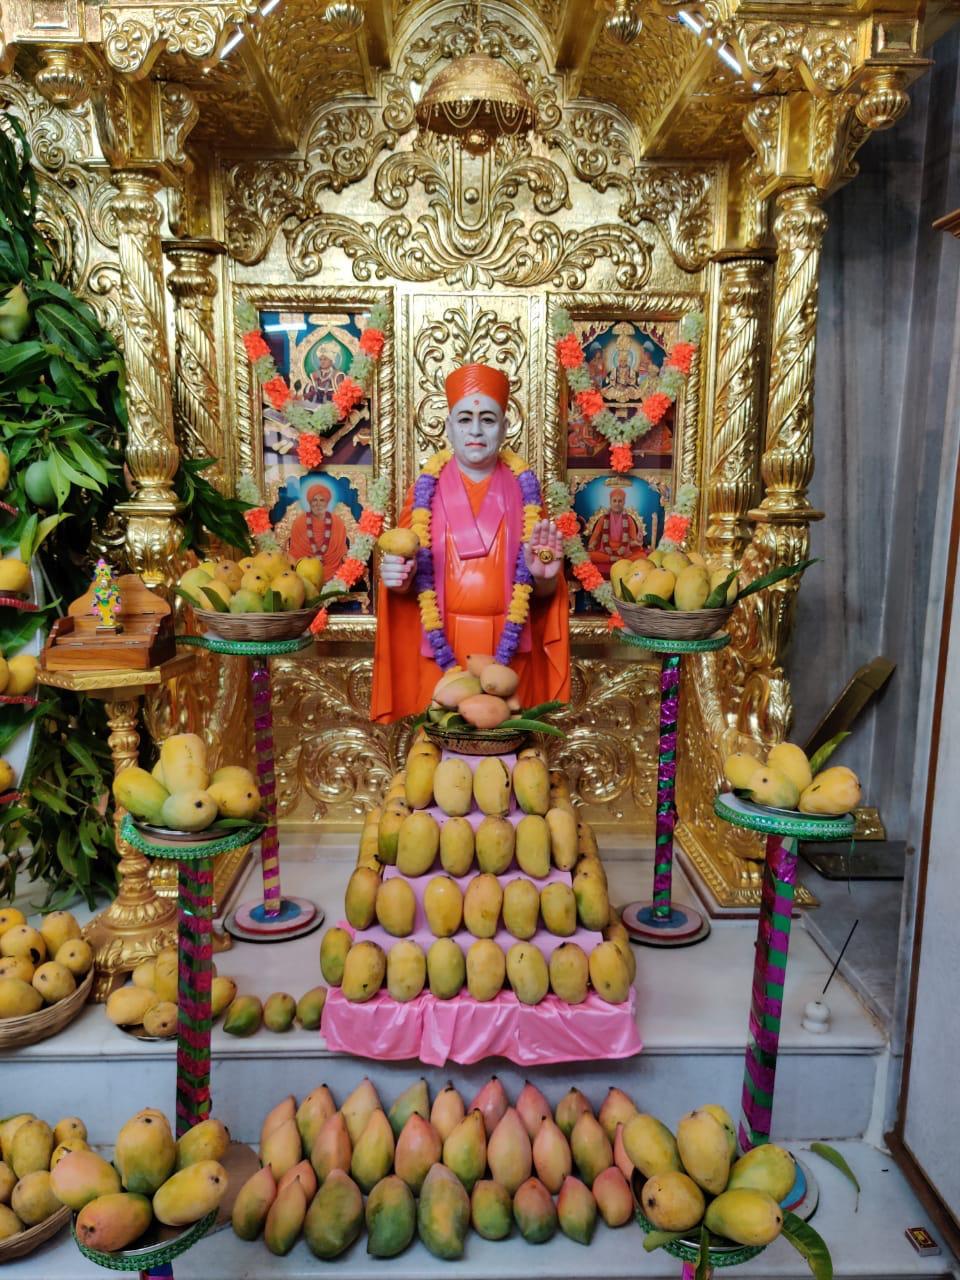 અપરા એકાદશીએ કડીમાં સ્વામિનારાયણ ભગવાનને ચંદનના મનોરમ્ય કલાત્મક શણગાર તથા 750 કિલો કેરીઓનો શણગાર કરાયો|મહેસાણા,Mehsana - Divya Bhaskar